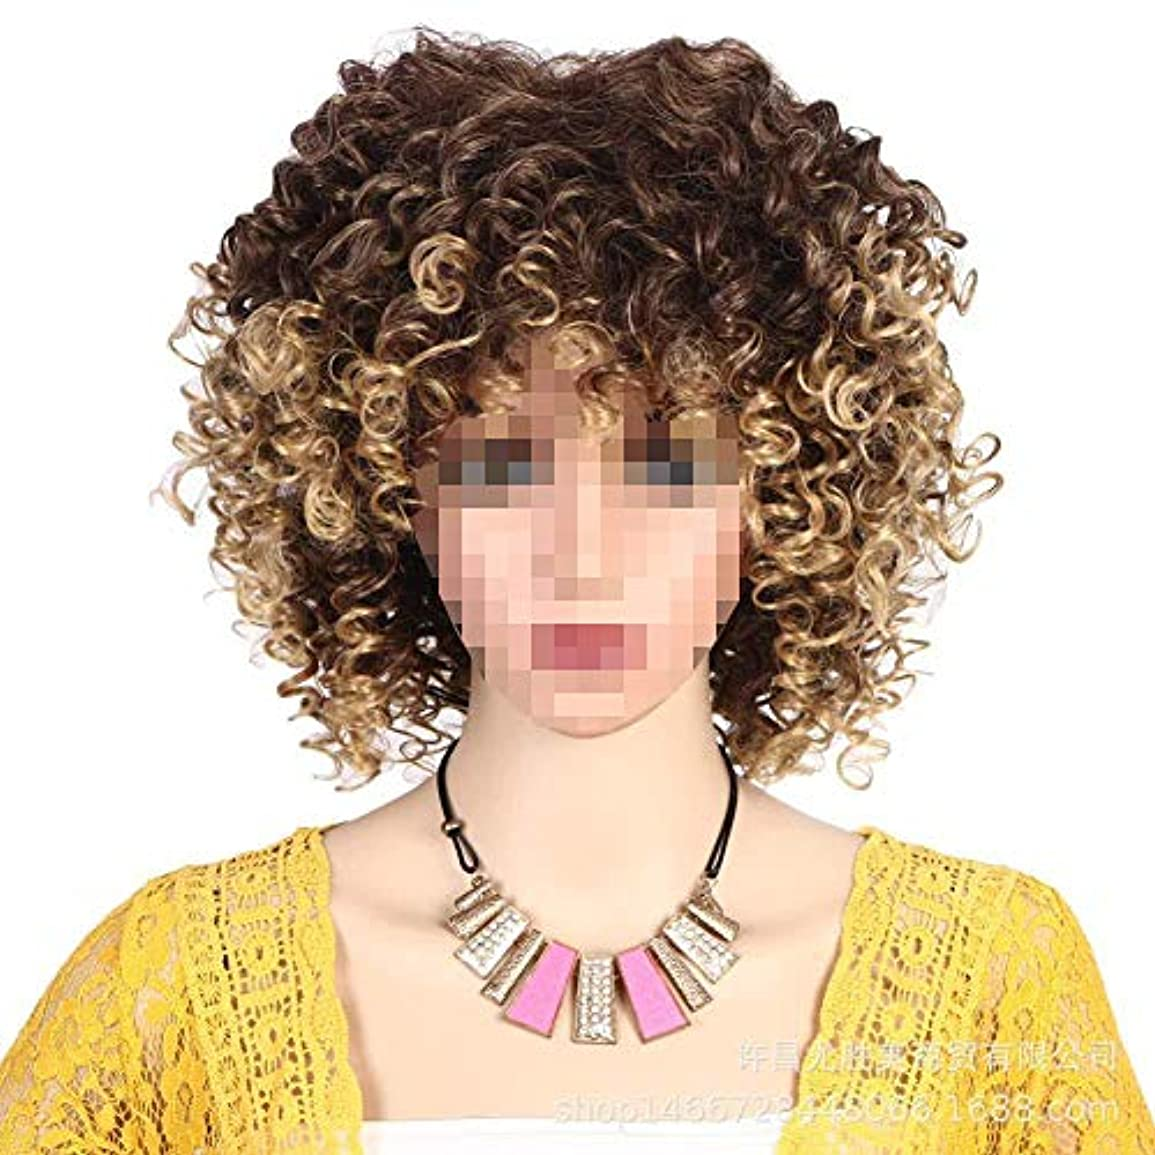 俳優処分したライナー女性のための合成ショート変態カーリーヘアウィッグ/耐熱性繊維ショルダー長さ/アフリカ系アメリカ人コスプレウィッグ用ウィッグ